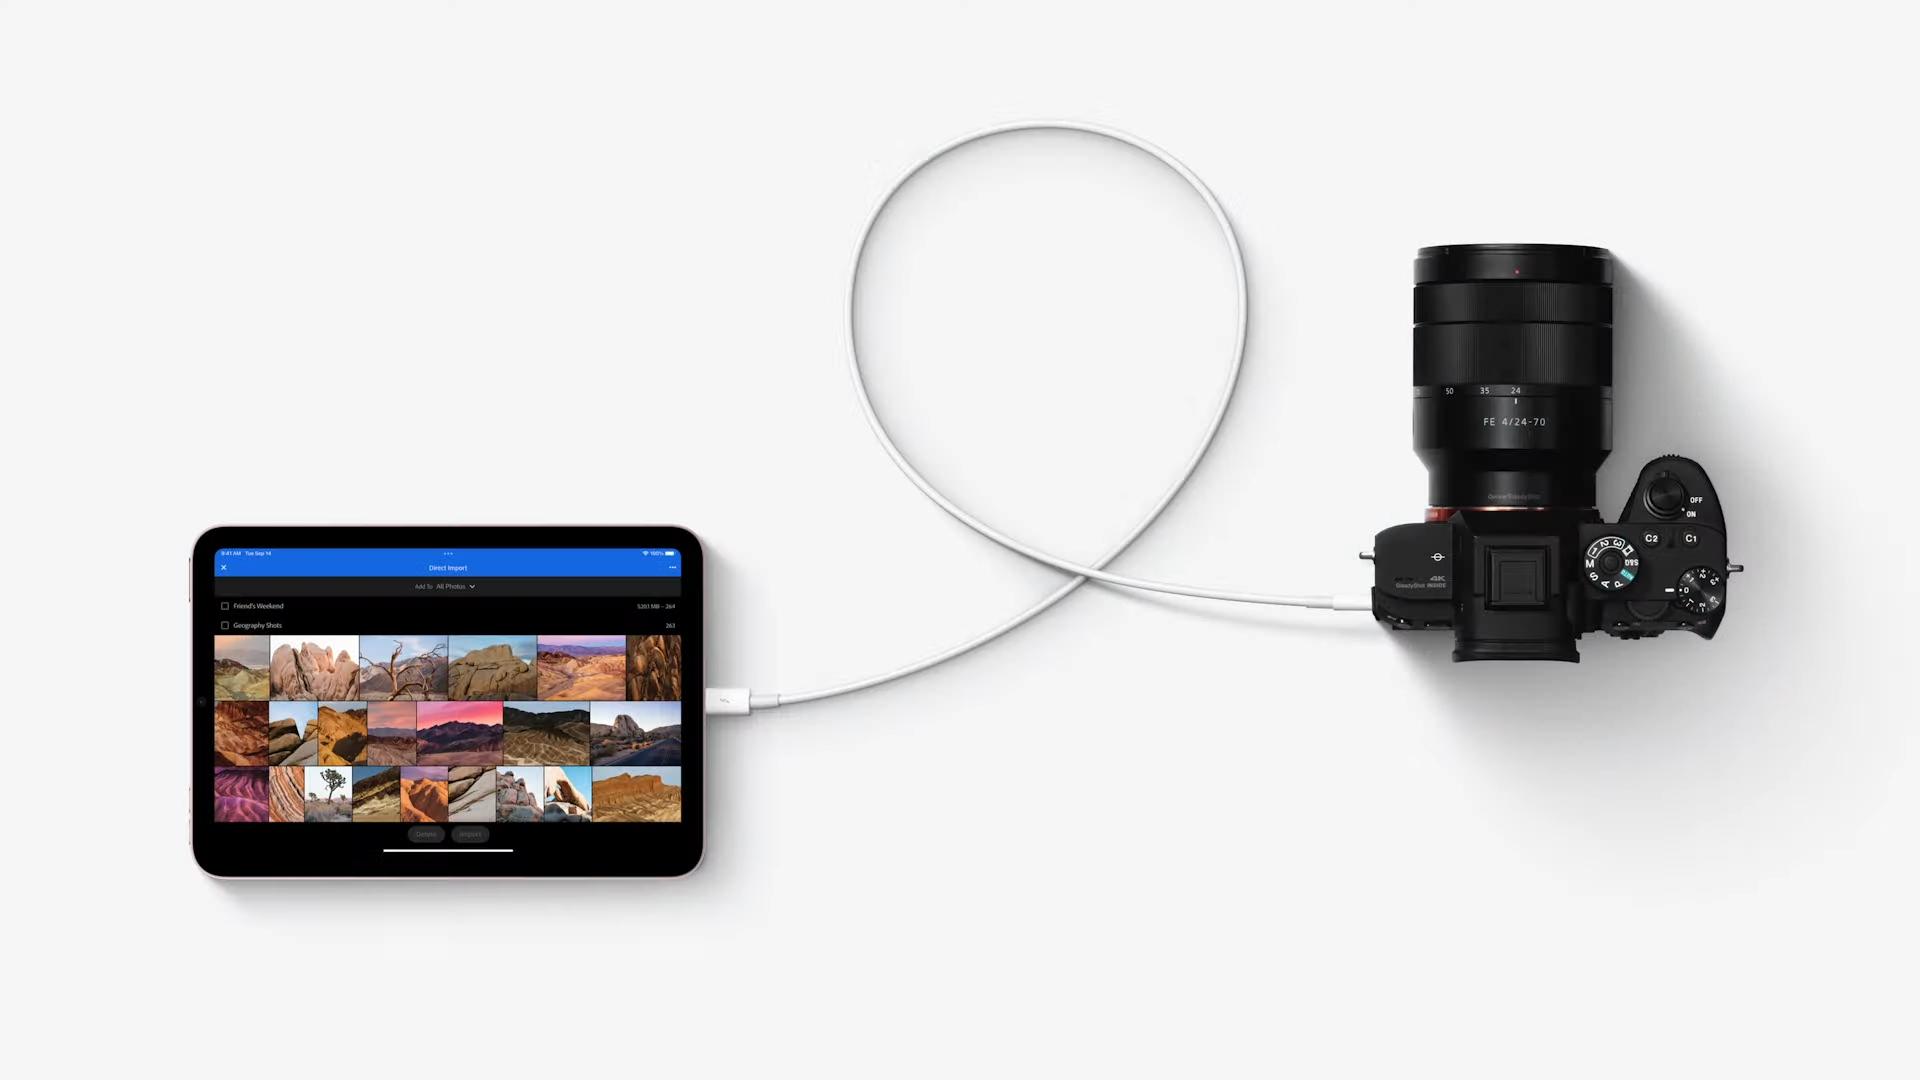 ipad mini usb camera